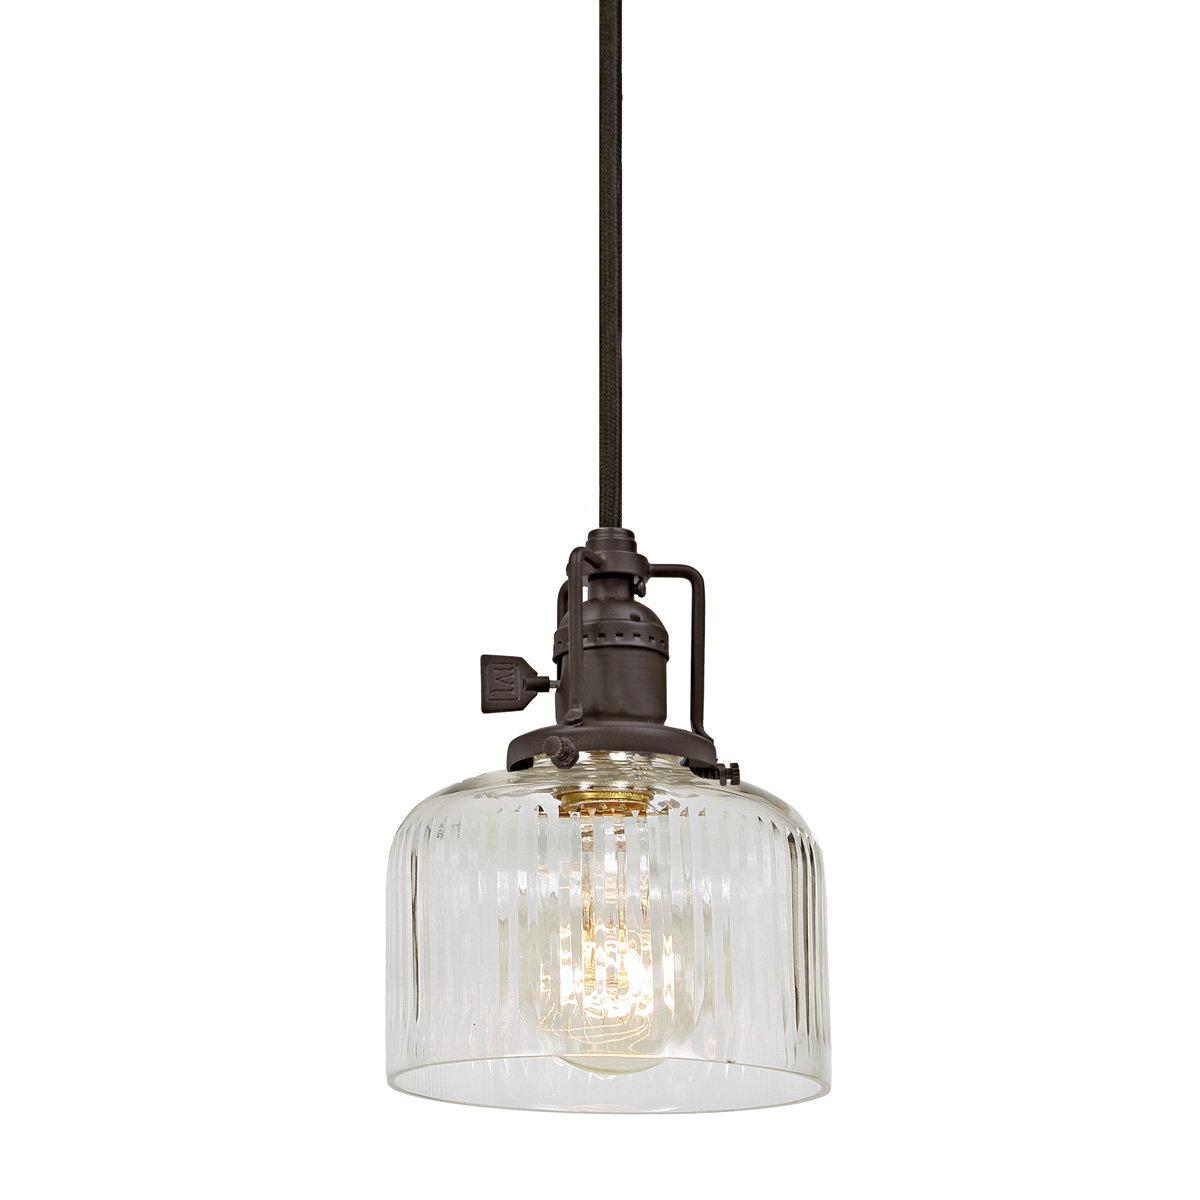 Shumway 1 Light Single Bell Pendant Within Latest Roslindale 1 Light Single Bell Pendants (Gallery 14 of 20)